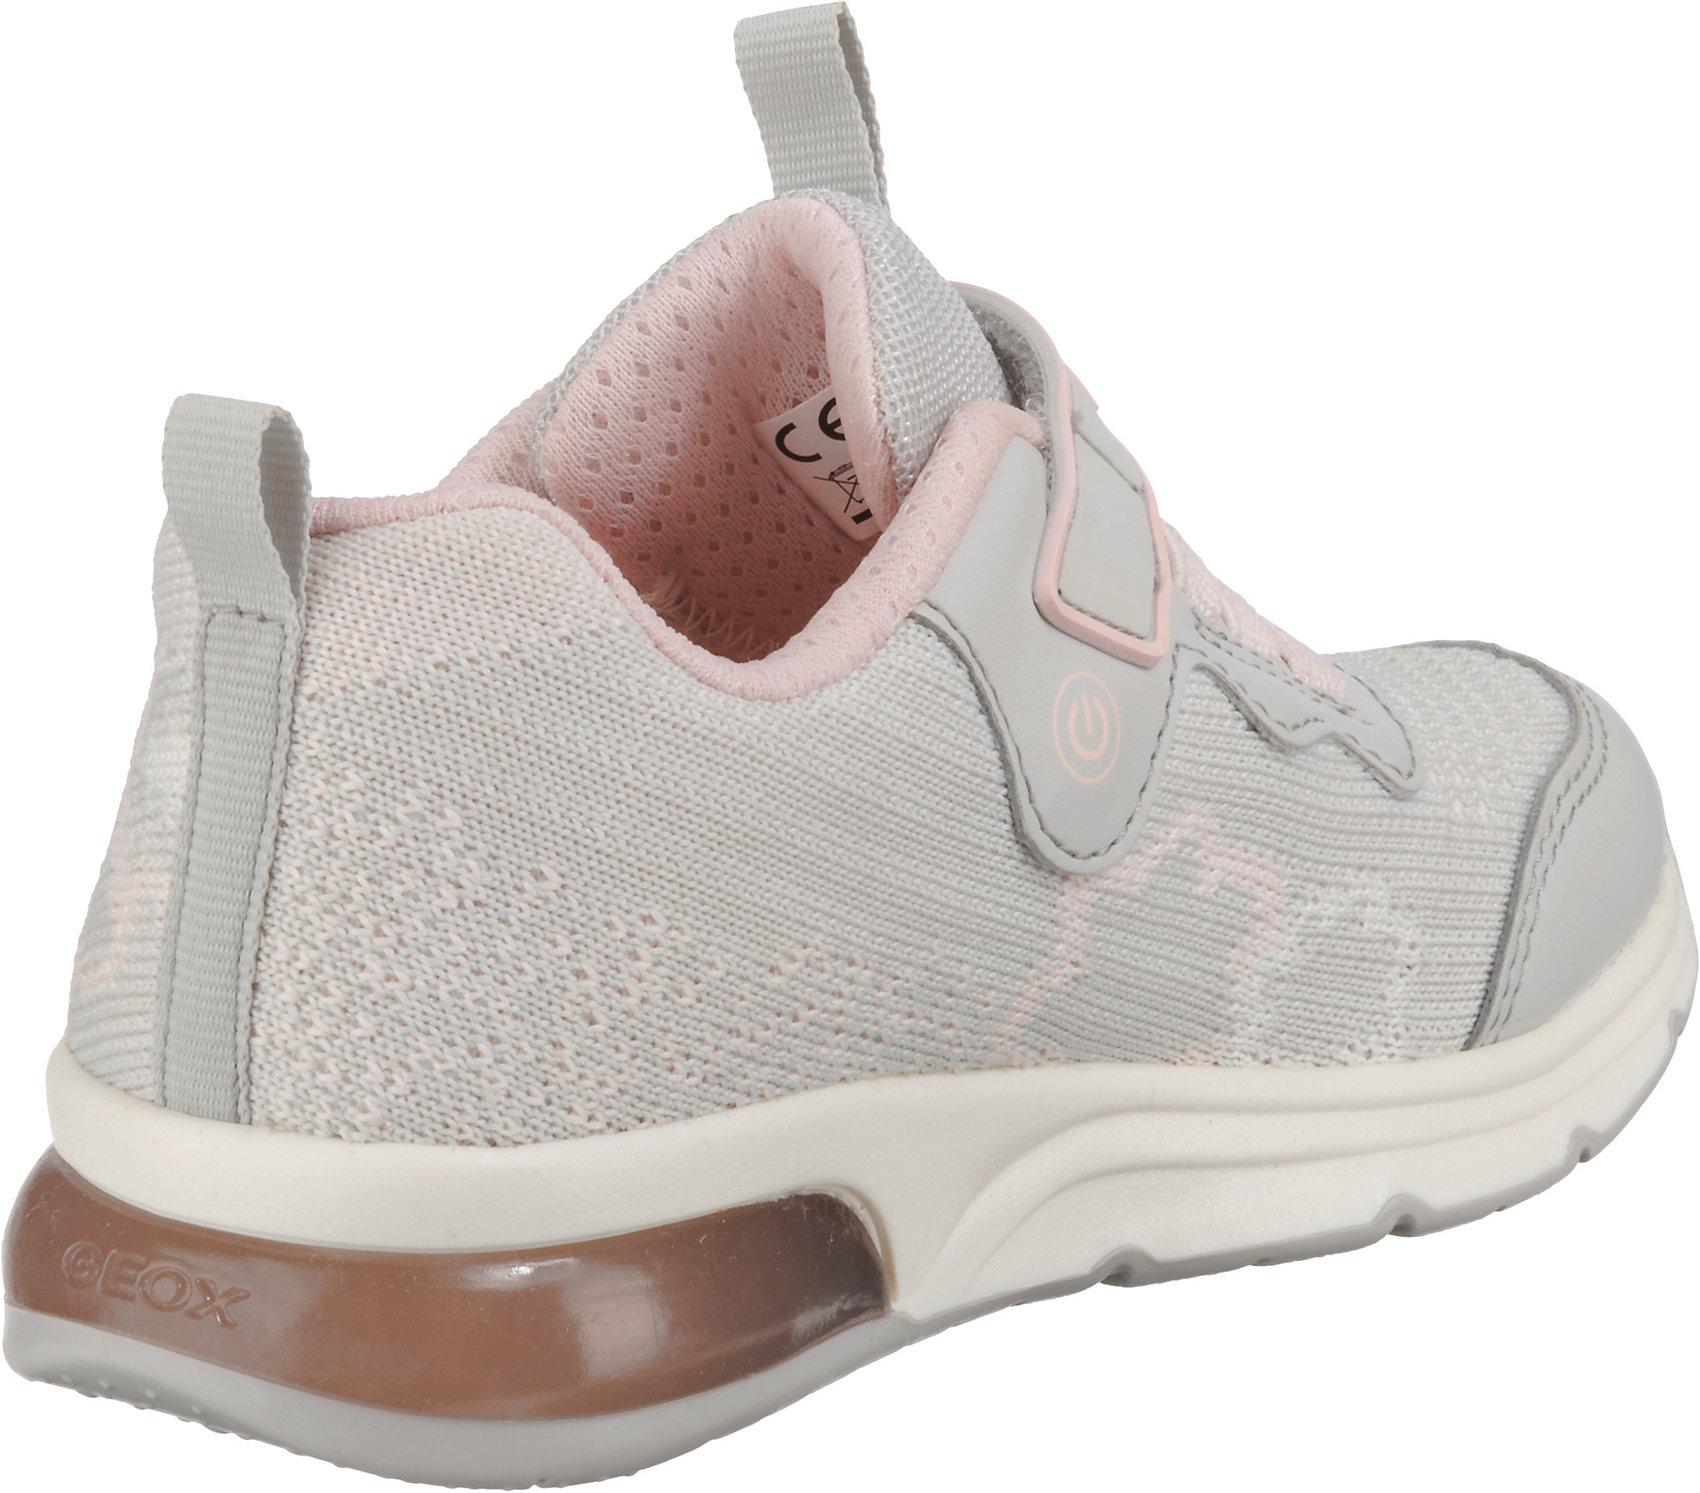 Details zu Neu GEOX Sneakers Low Blinkies SPACECLUB GIRL für Mädchen 10184773 für Mädchen